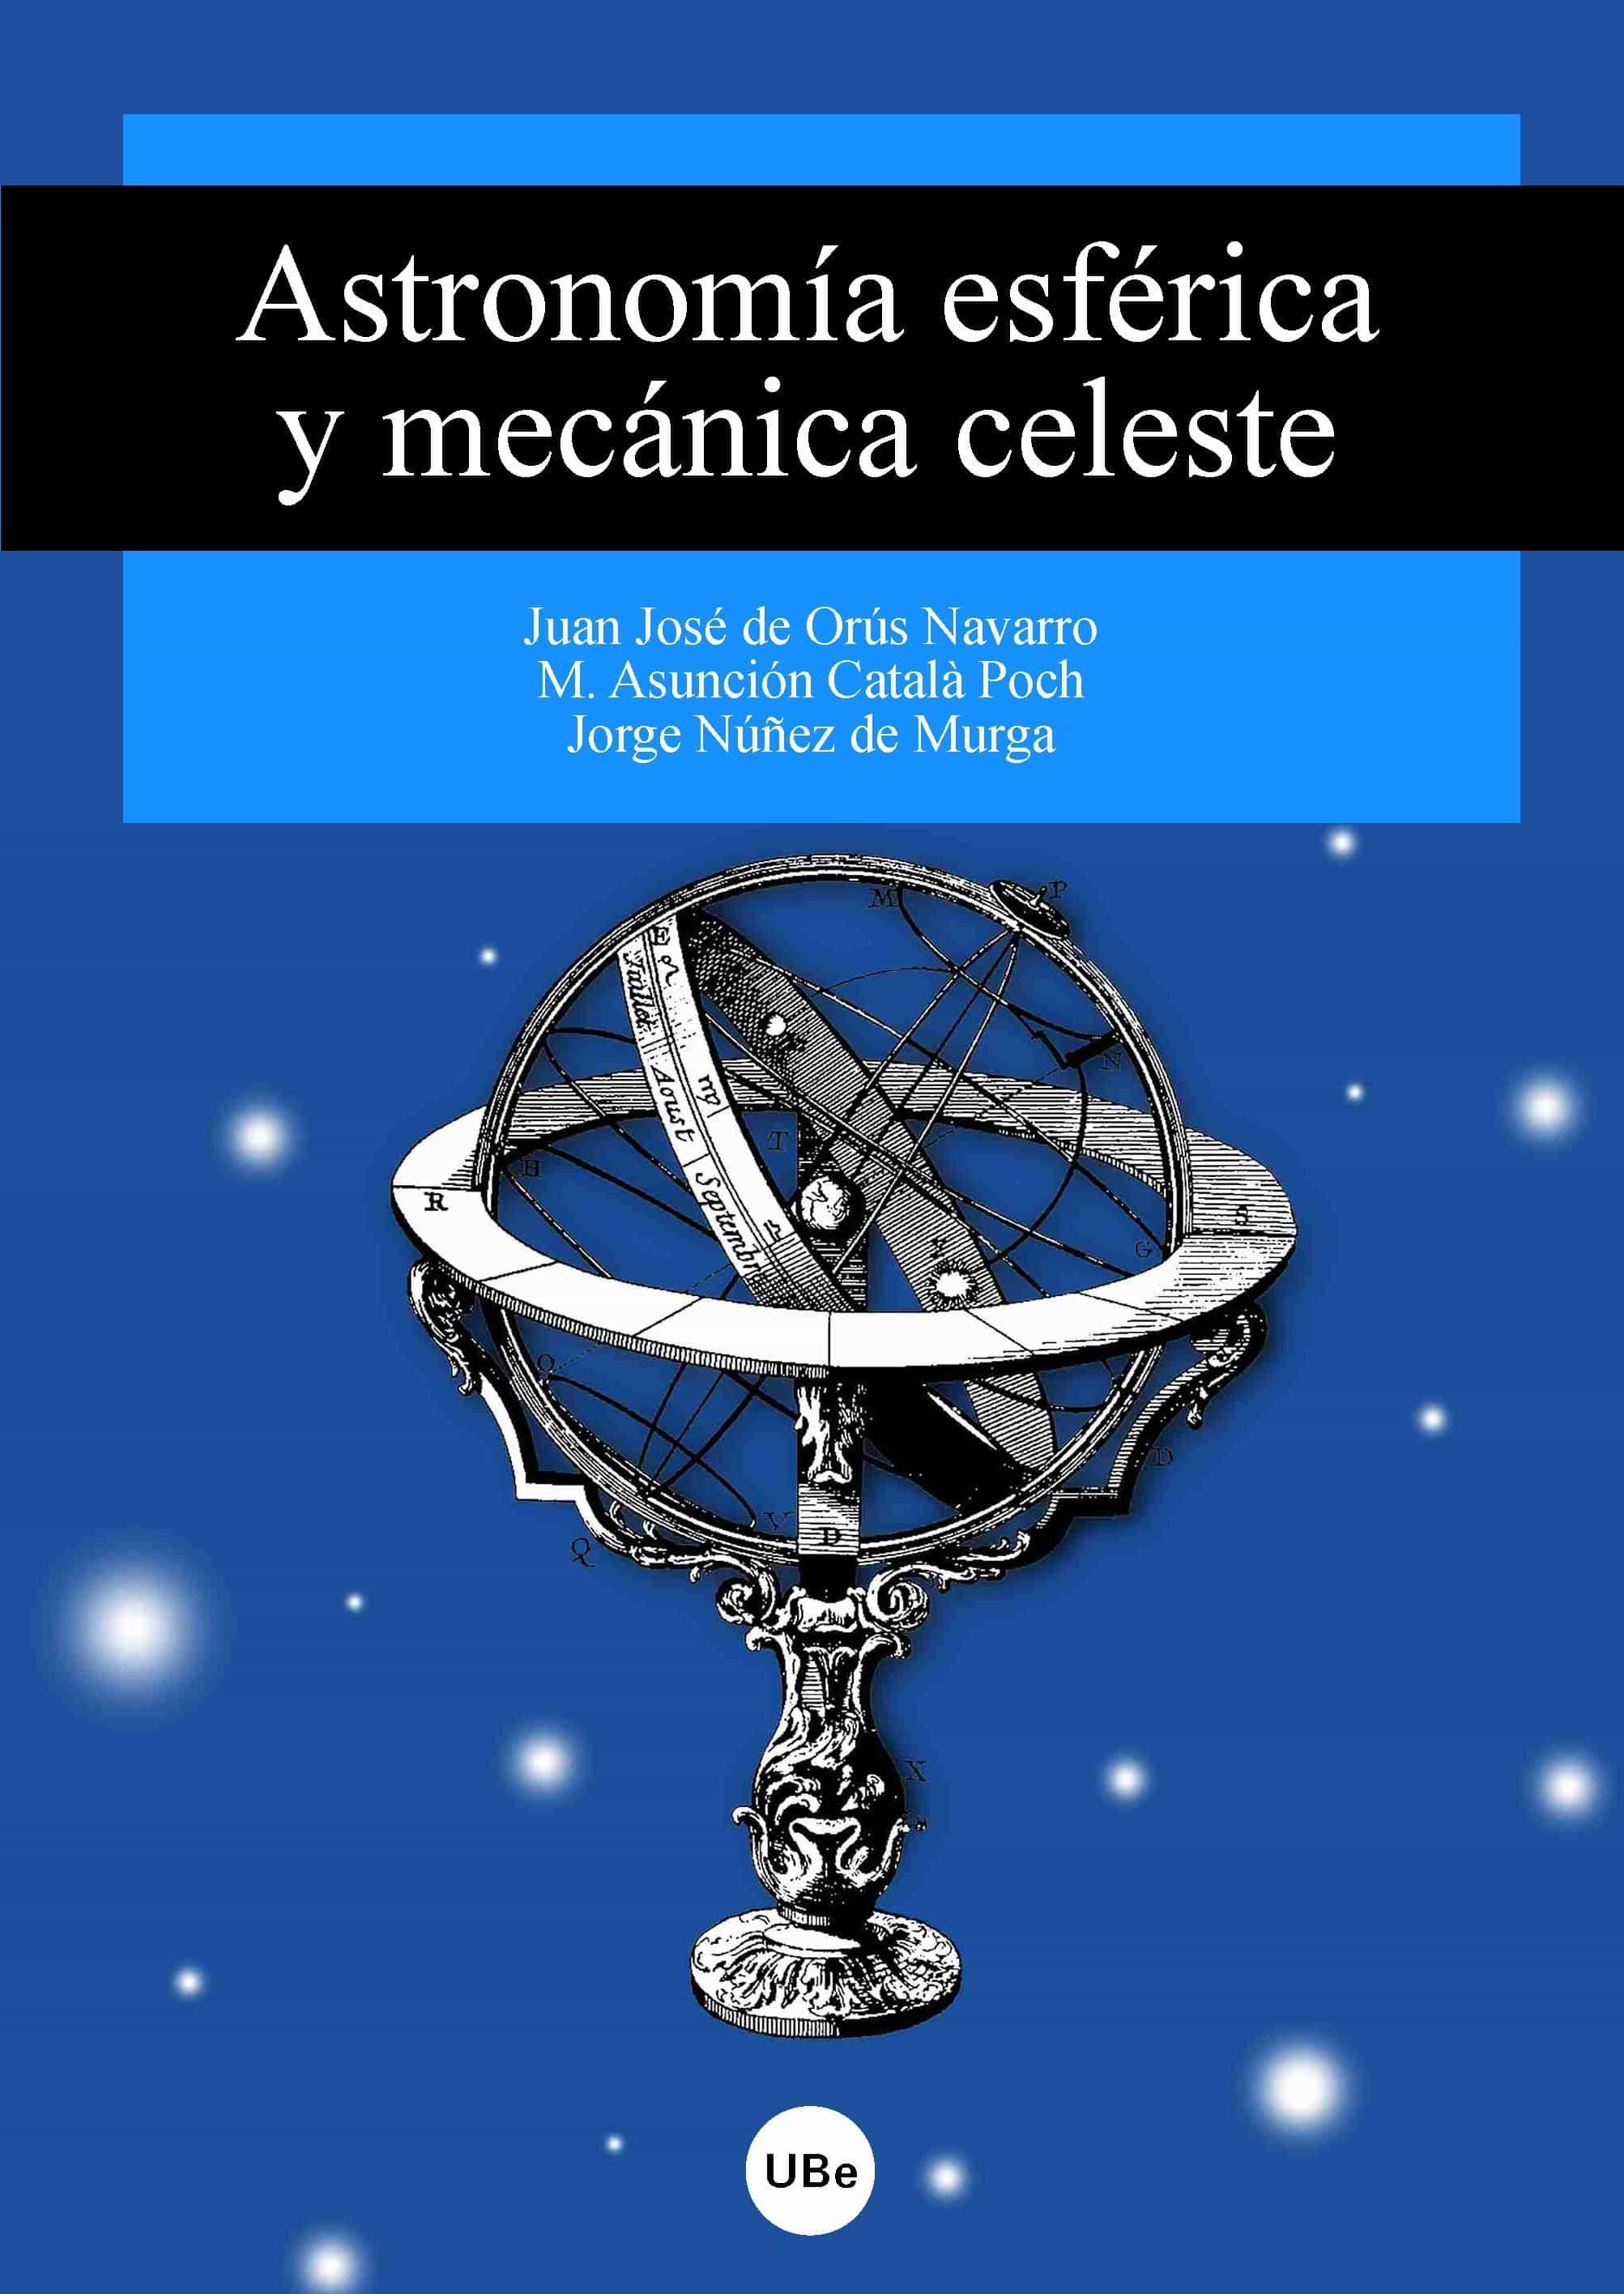 astronomia esferica y mecanica celeste-9788447530595